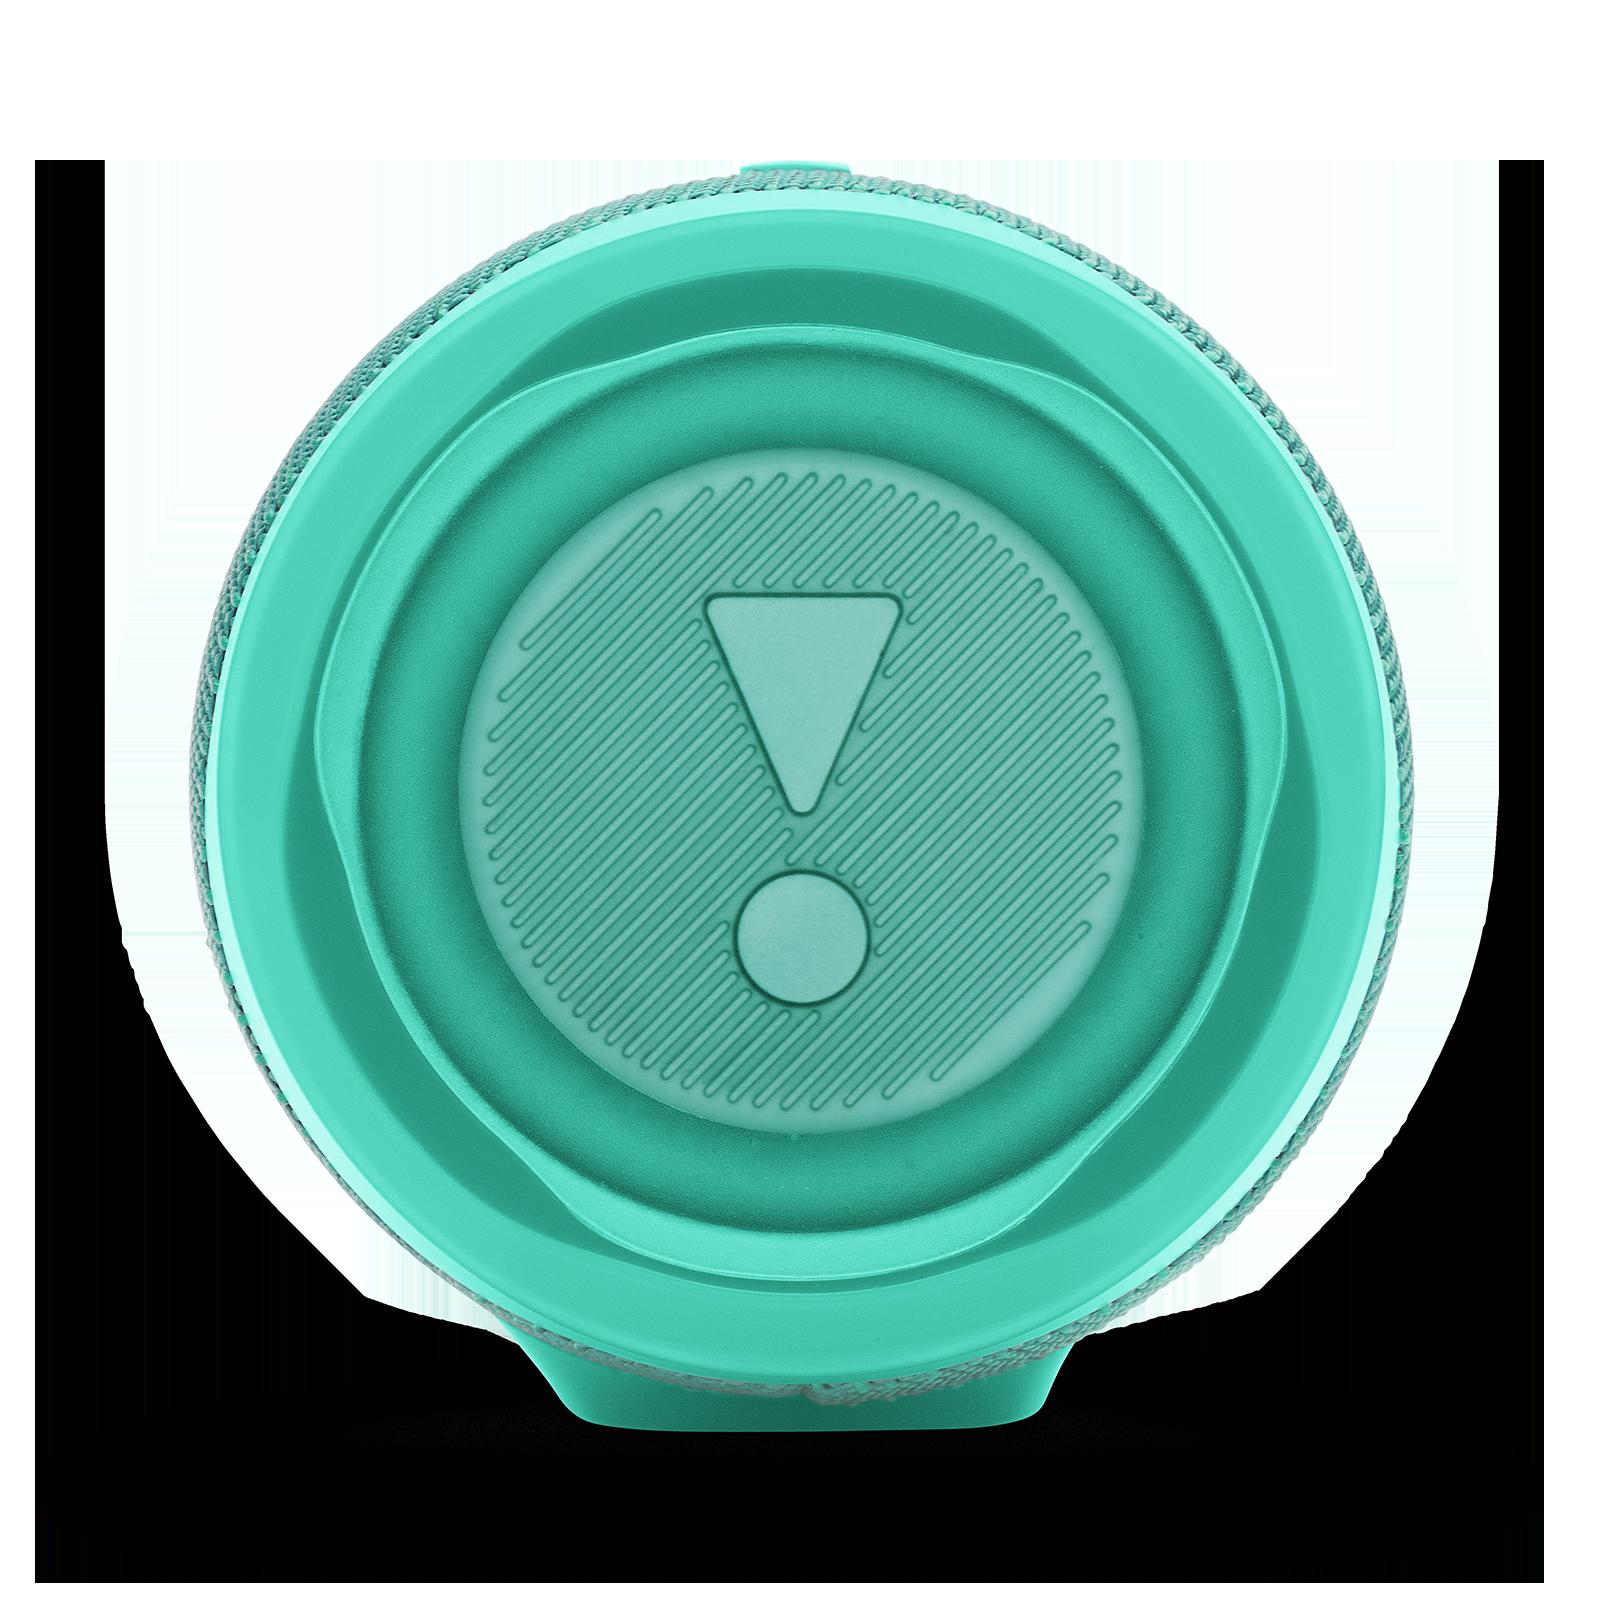 JBL Charge 4 - Teal - Portable Bluetooth speaker - Detailshot 3